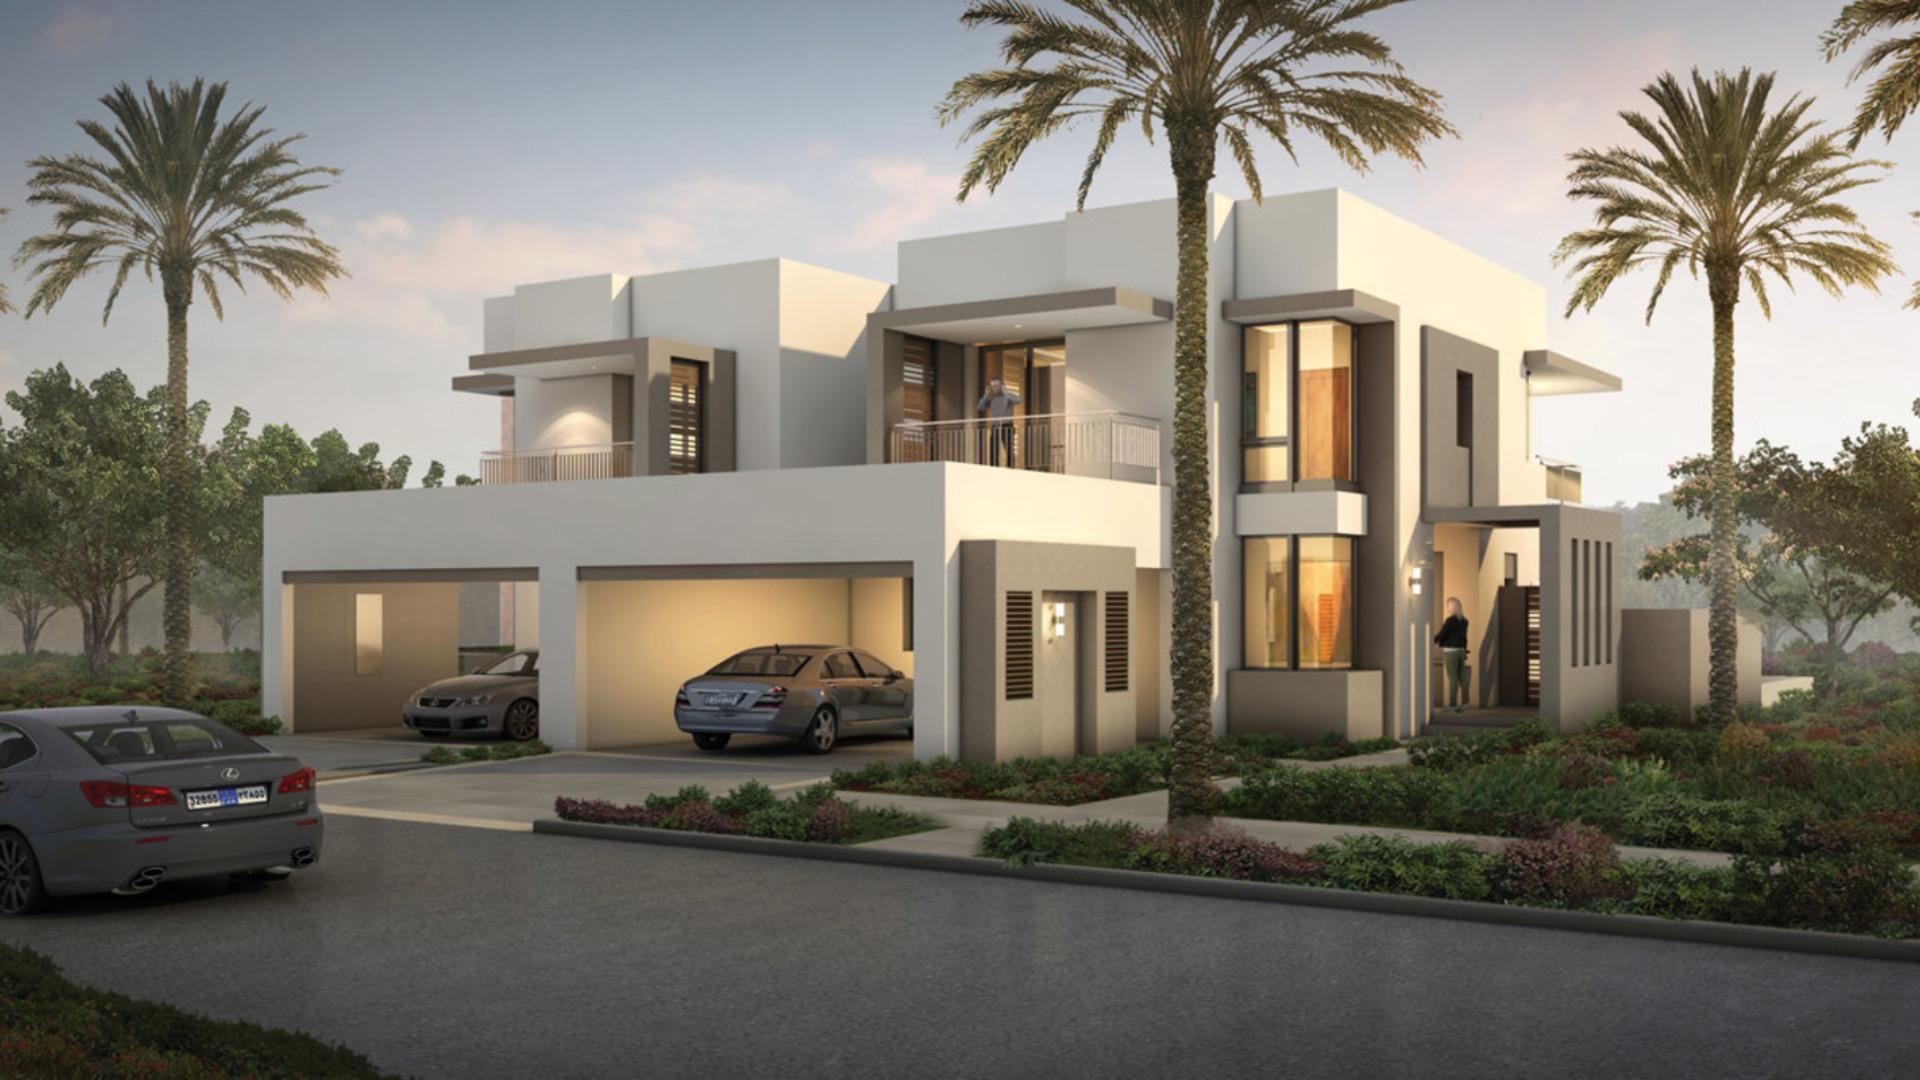 Adosado en venta en Dubai, EAU, 3 dormitorios, 211 m2, № 24137 – foto 2